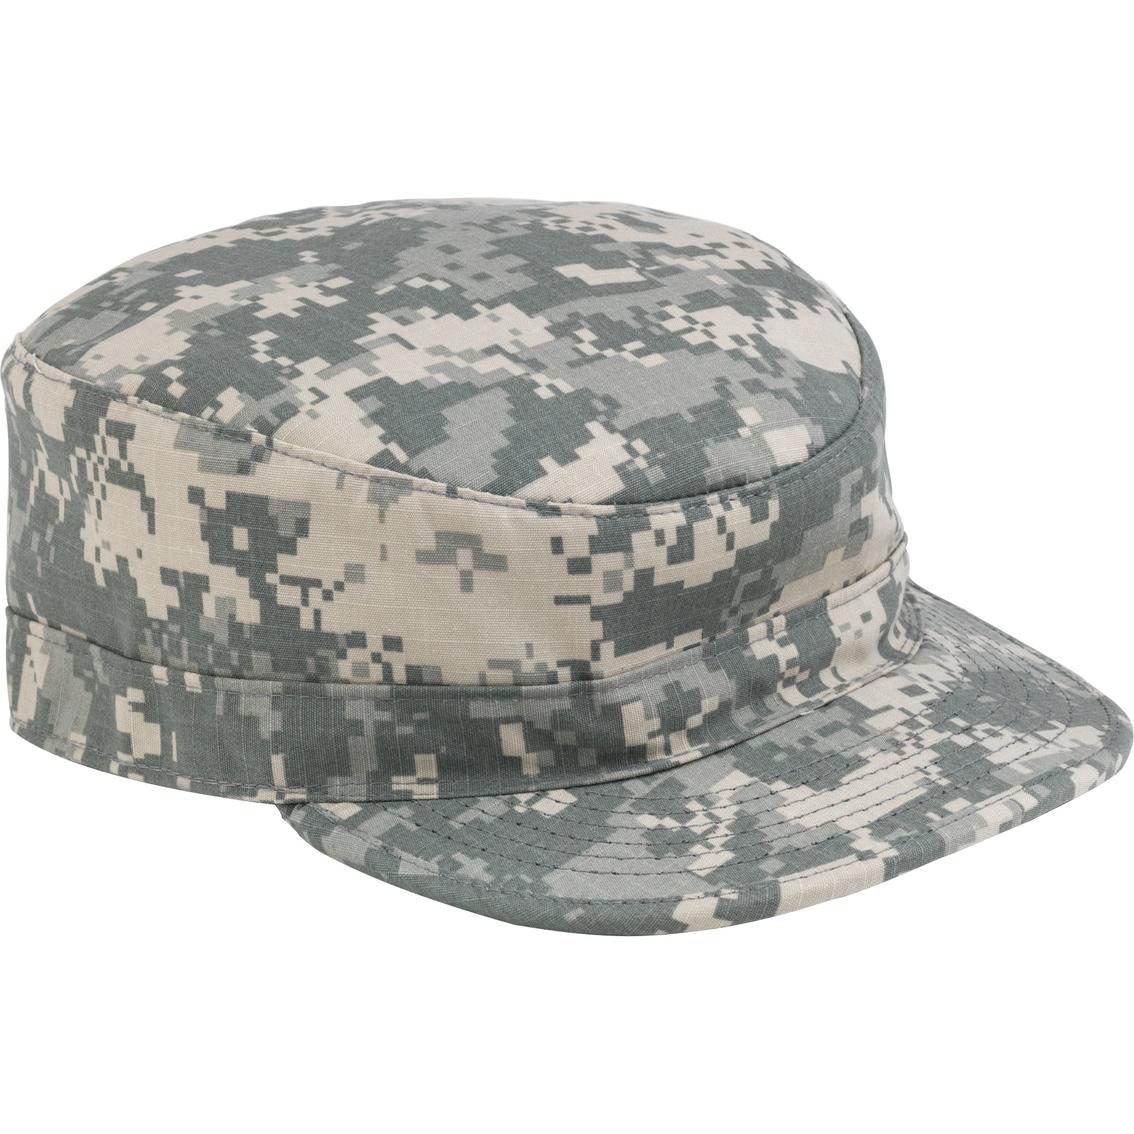 Dlats Ucp Acu Patrol Cap  92936bed795